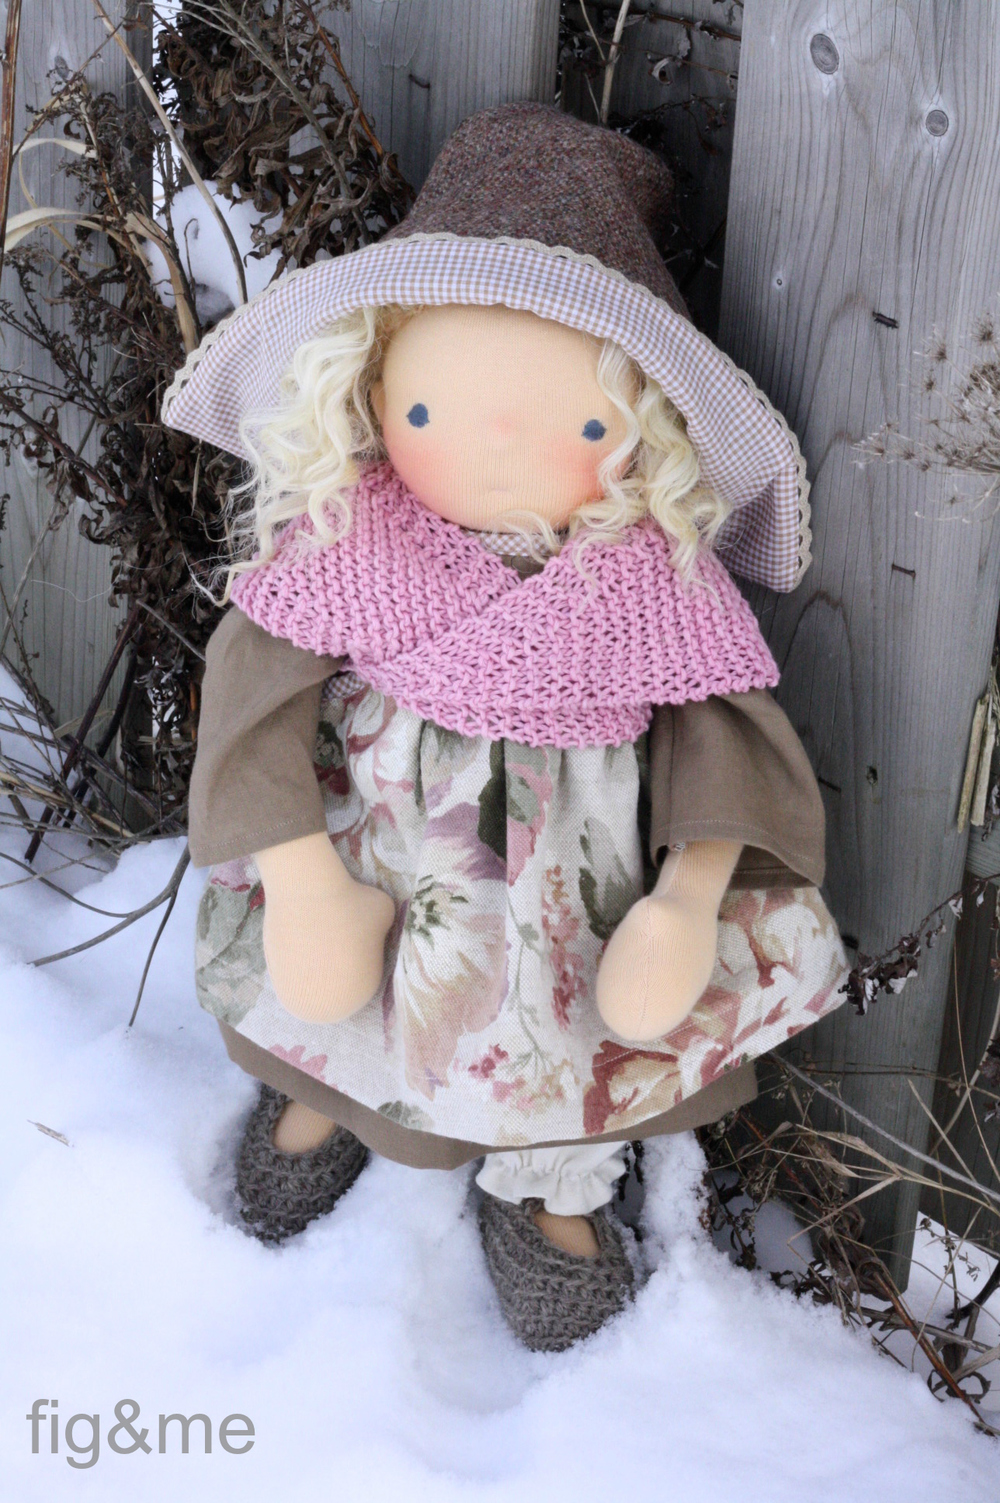 LittleGirlwiththeMatches-Figandme-2.jpg